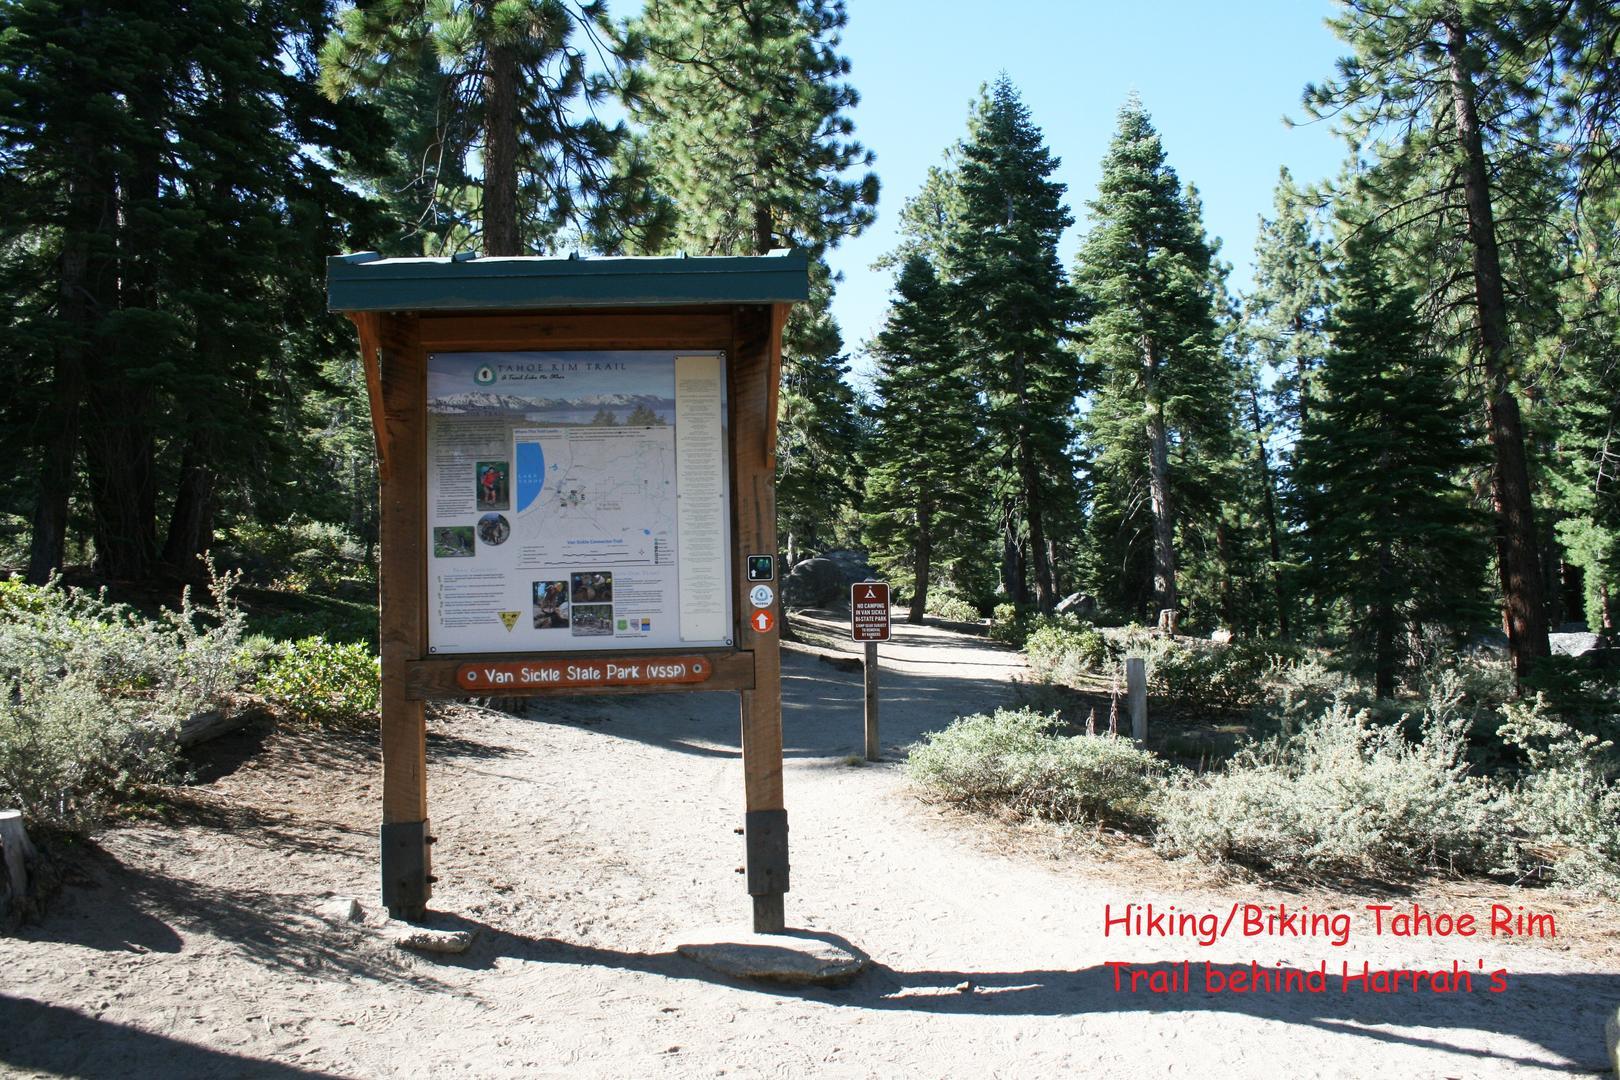 hnc0641 van sikle bi state park